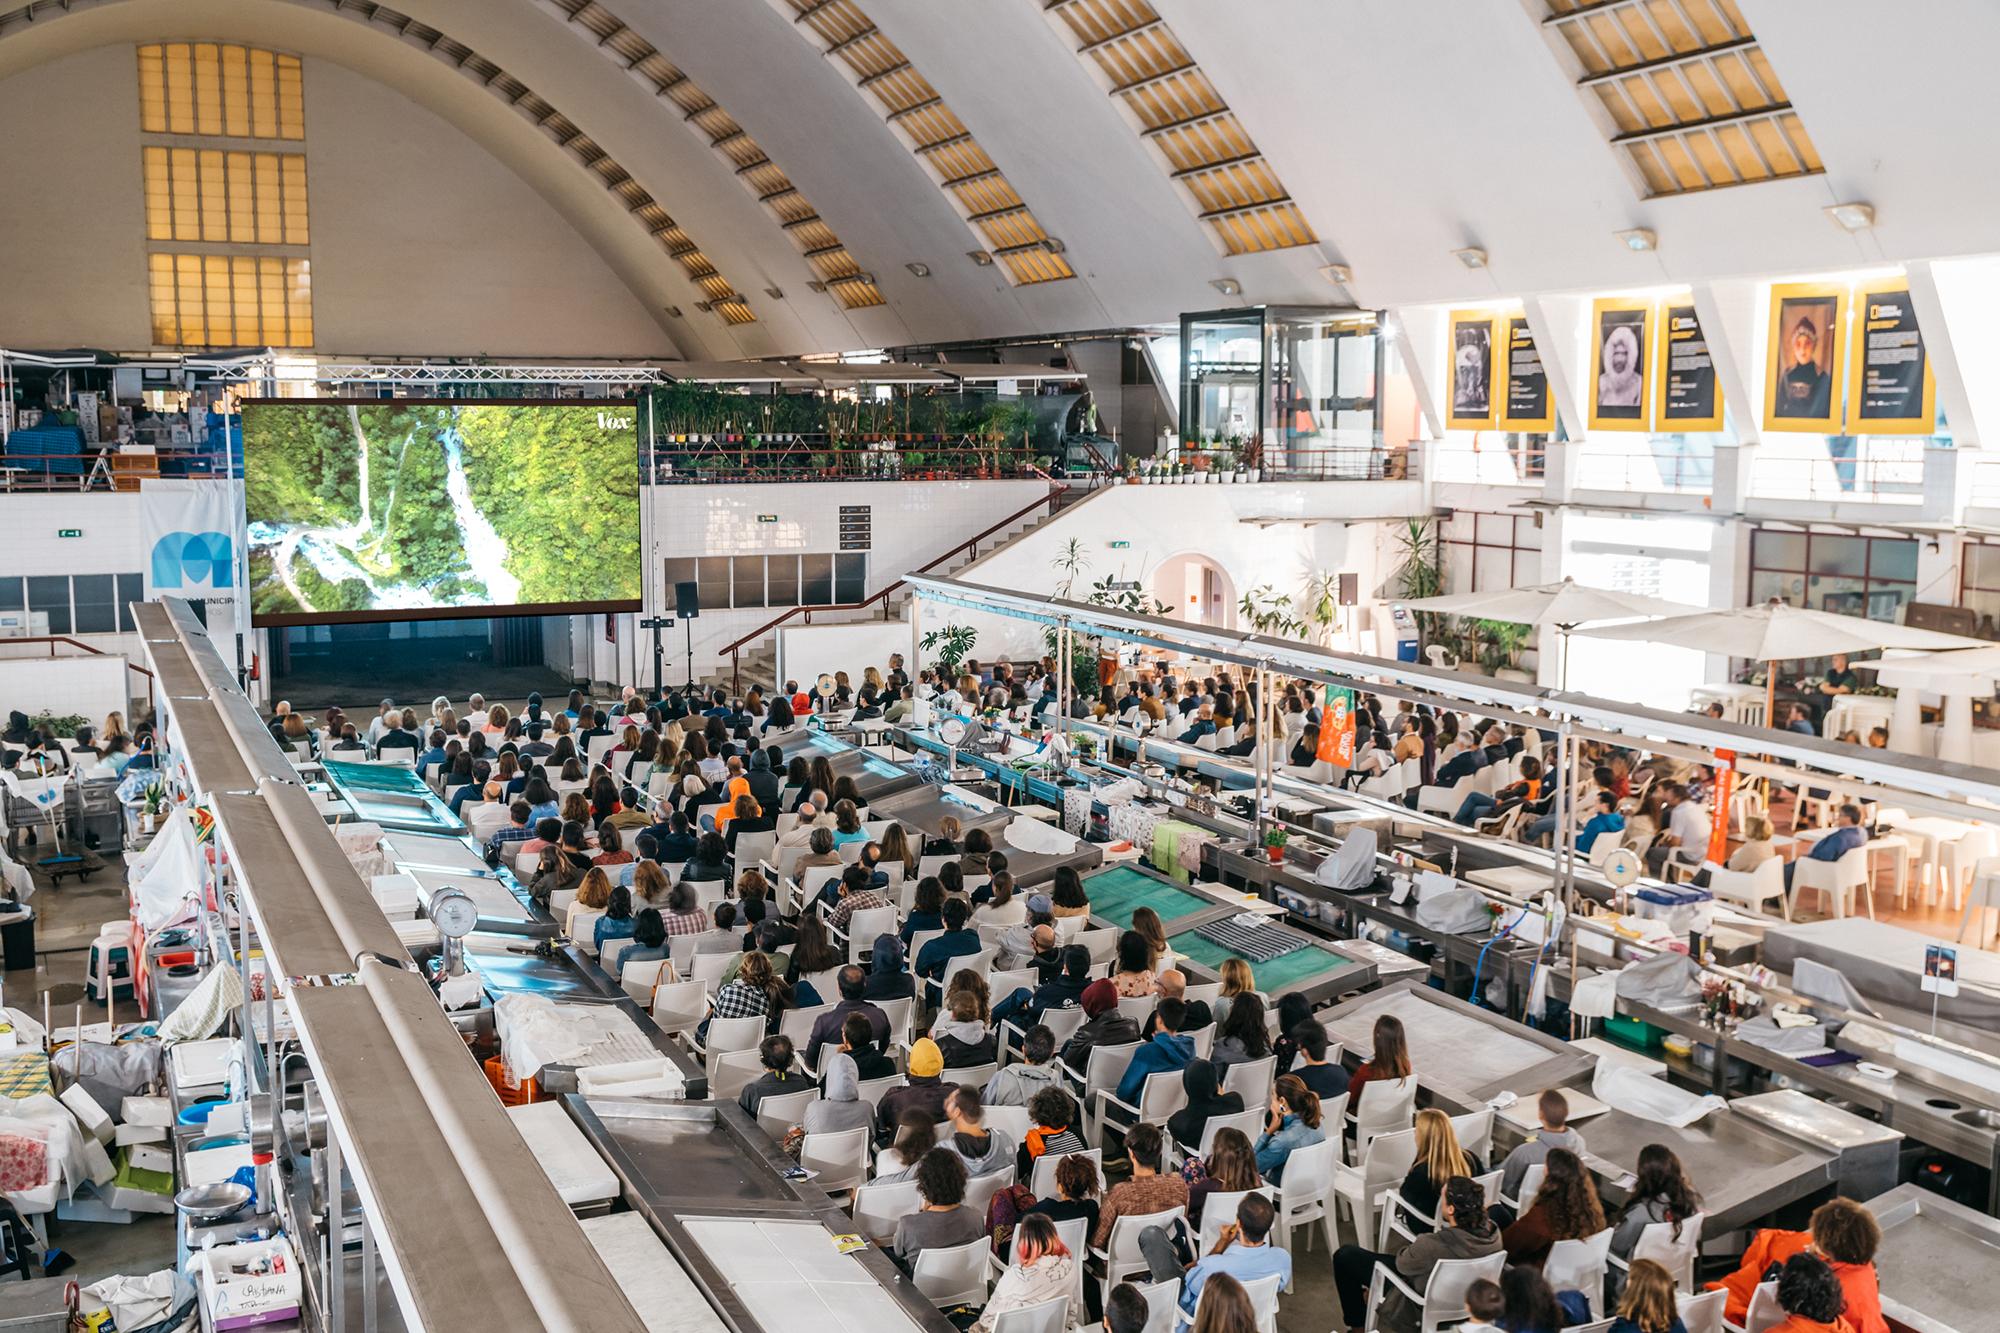 O Mercado de Matosinhos transforma-se à noite em sala de cinema.